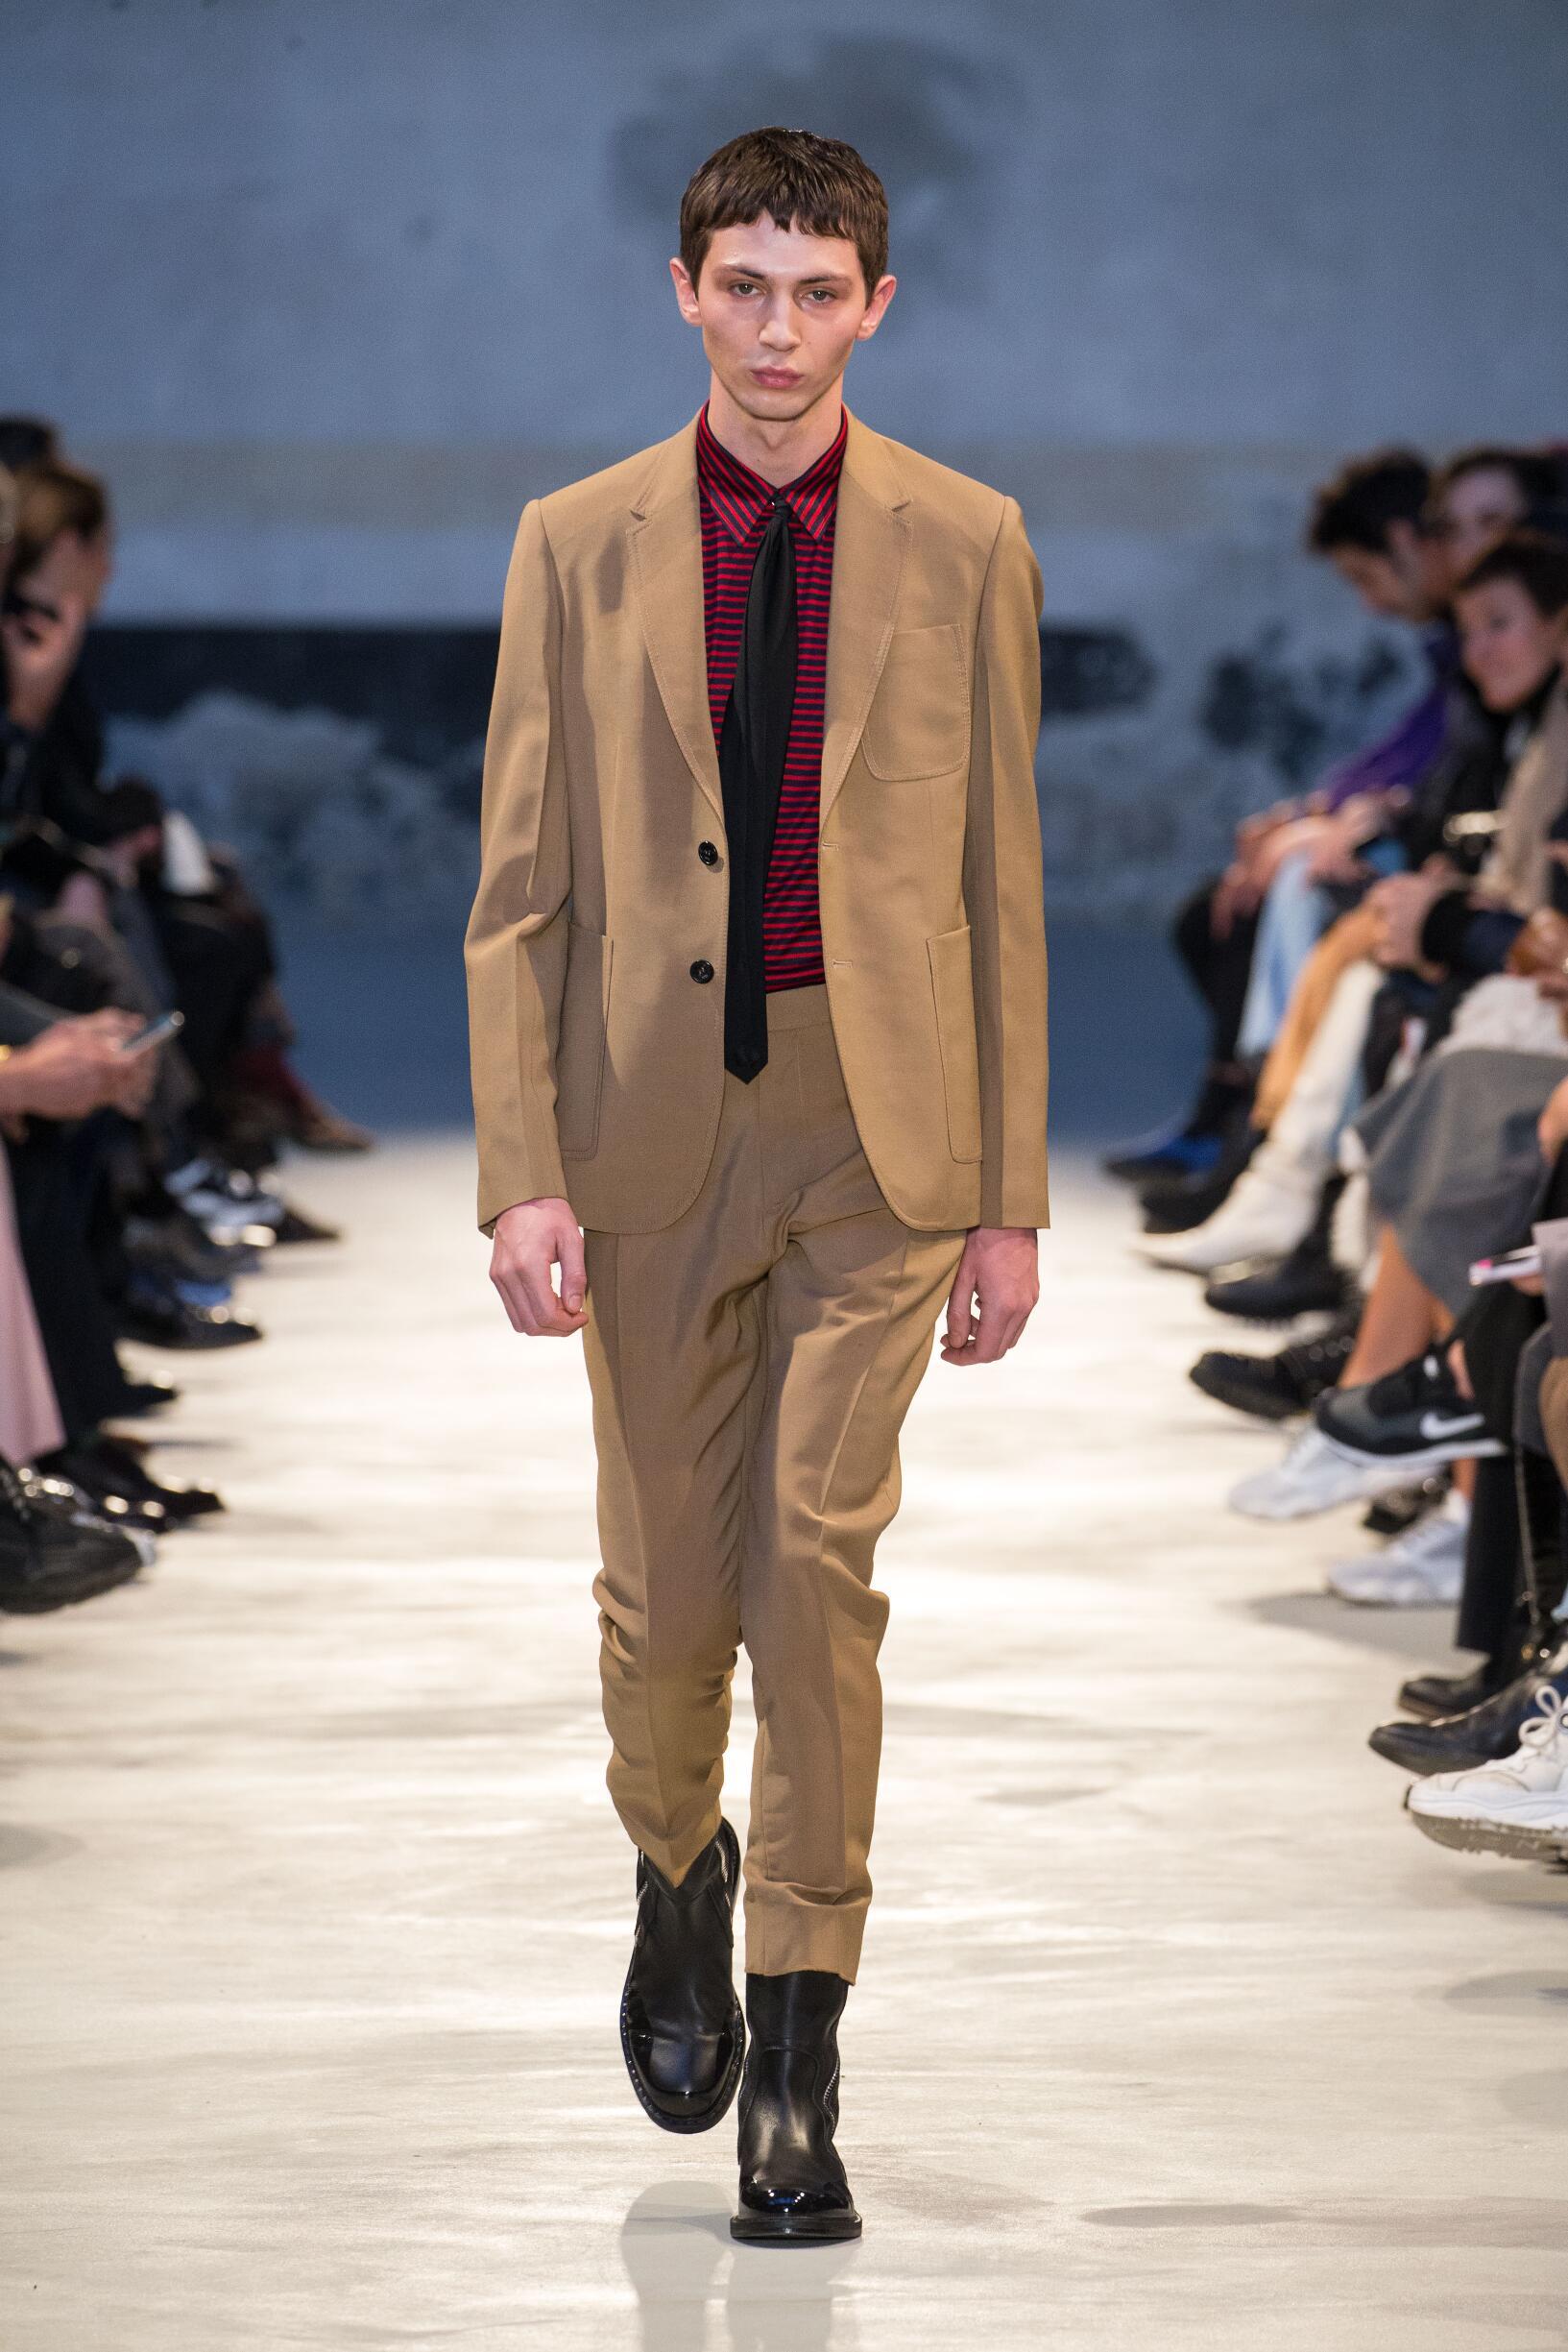 N°21 FW 2019 Menswear